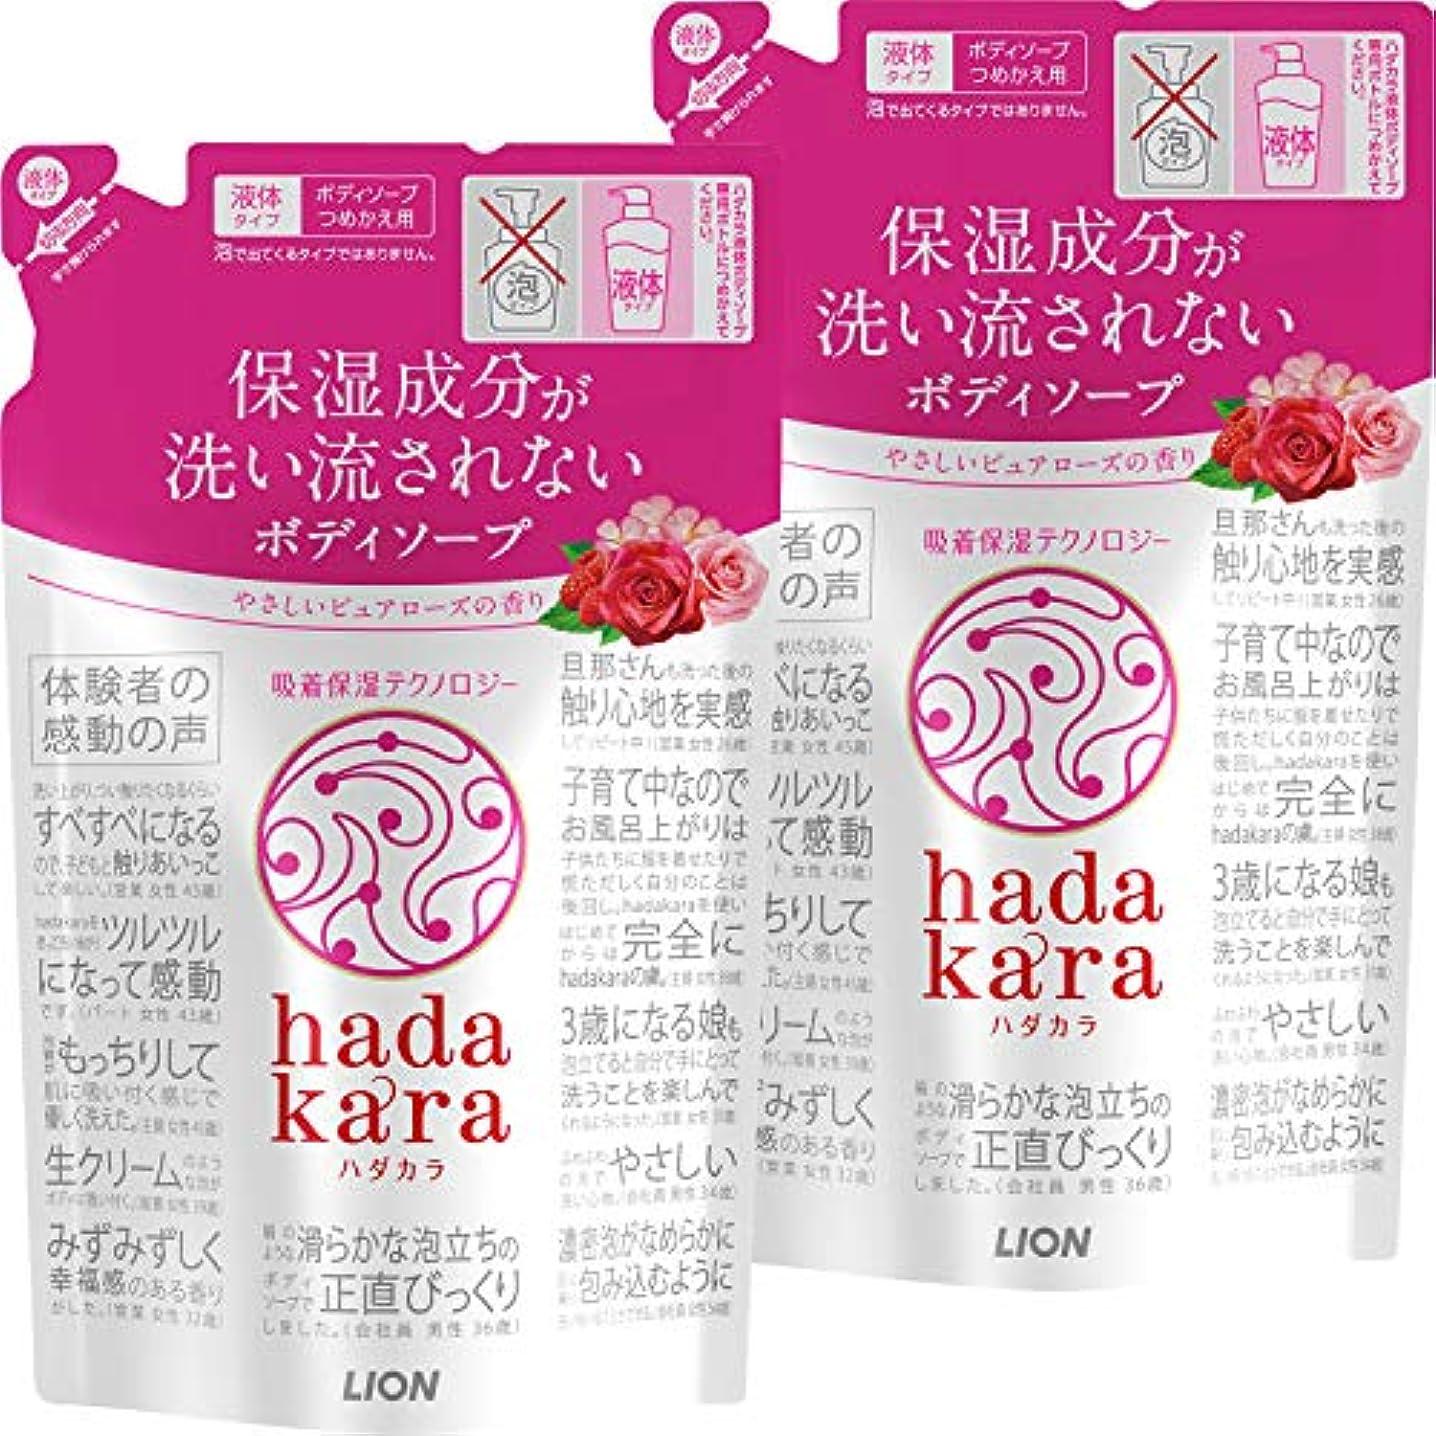 帆ほこり水っぽい【まとめ買い】hadakara(ハダカラ) ボディソープ ピュアローズの香り 詰め替え 360ml×2個パック